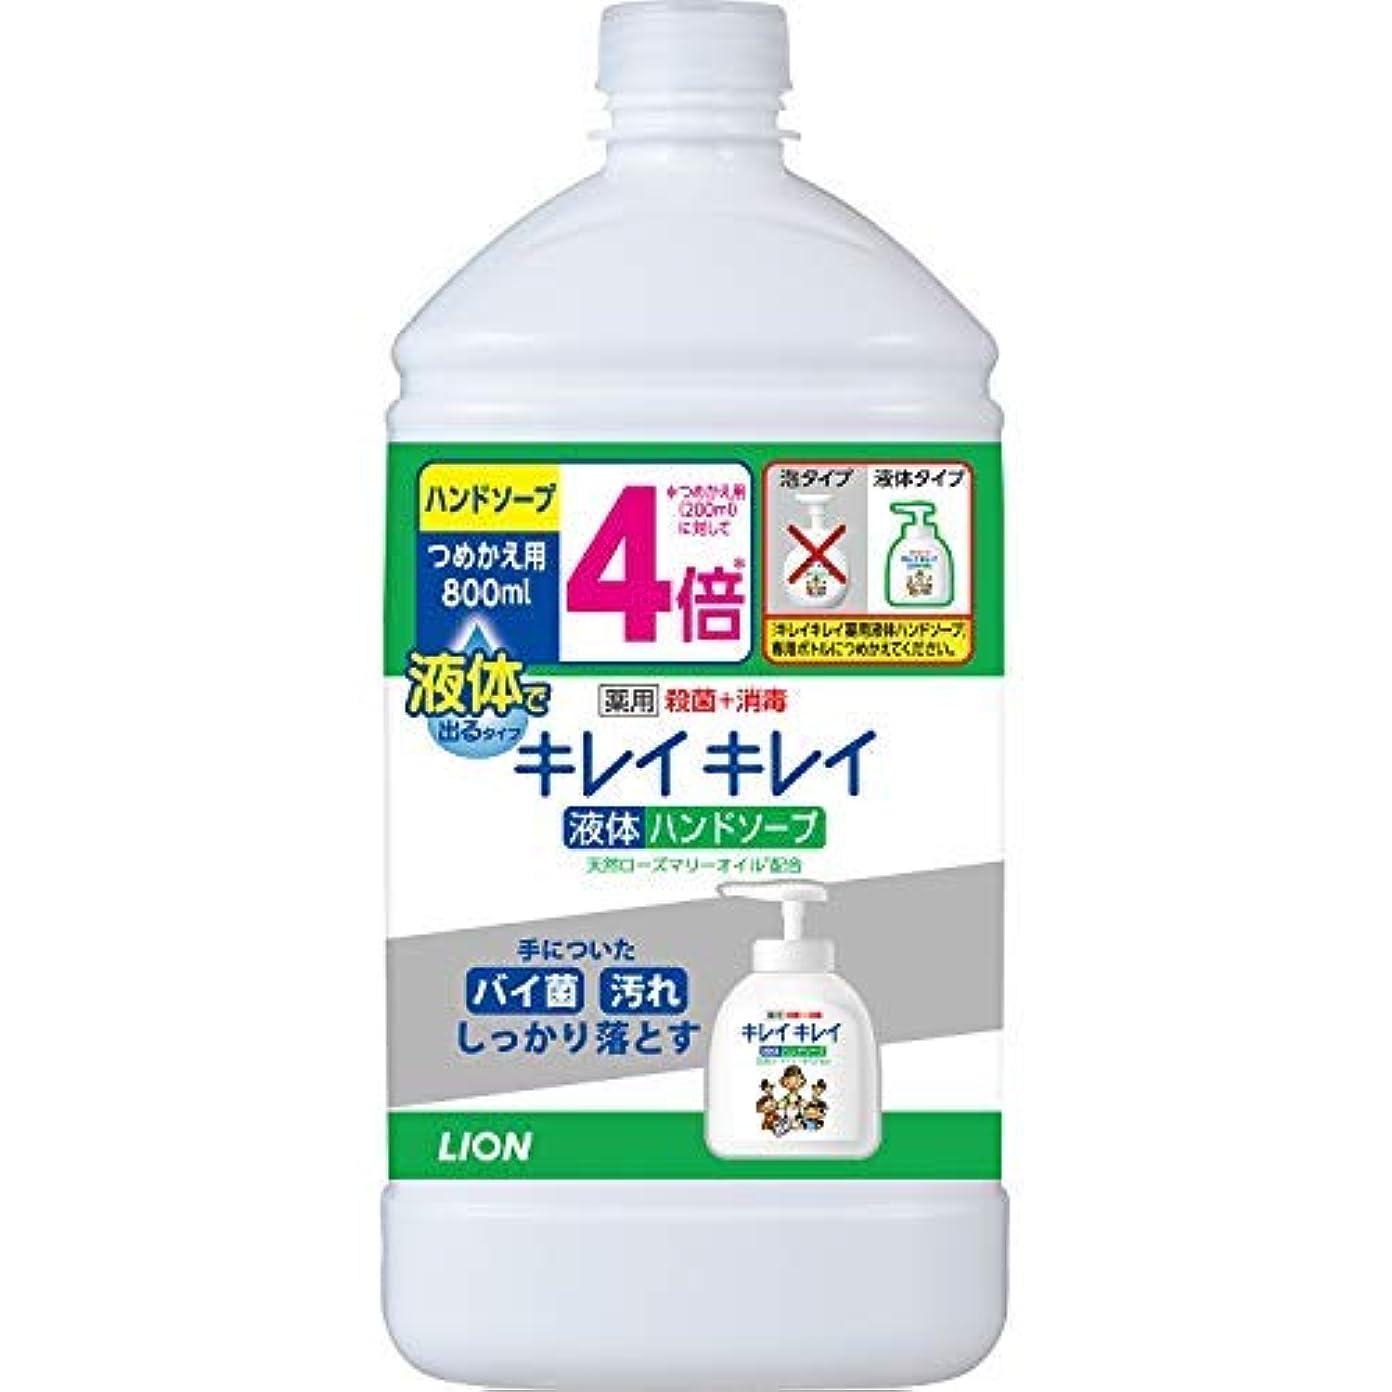 カルシウム品種資源キレイキレイ 薬用液体ハンドソープ つめかえ用特大サイズシトラスフルーテイ × 8個セット